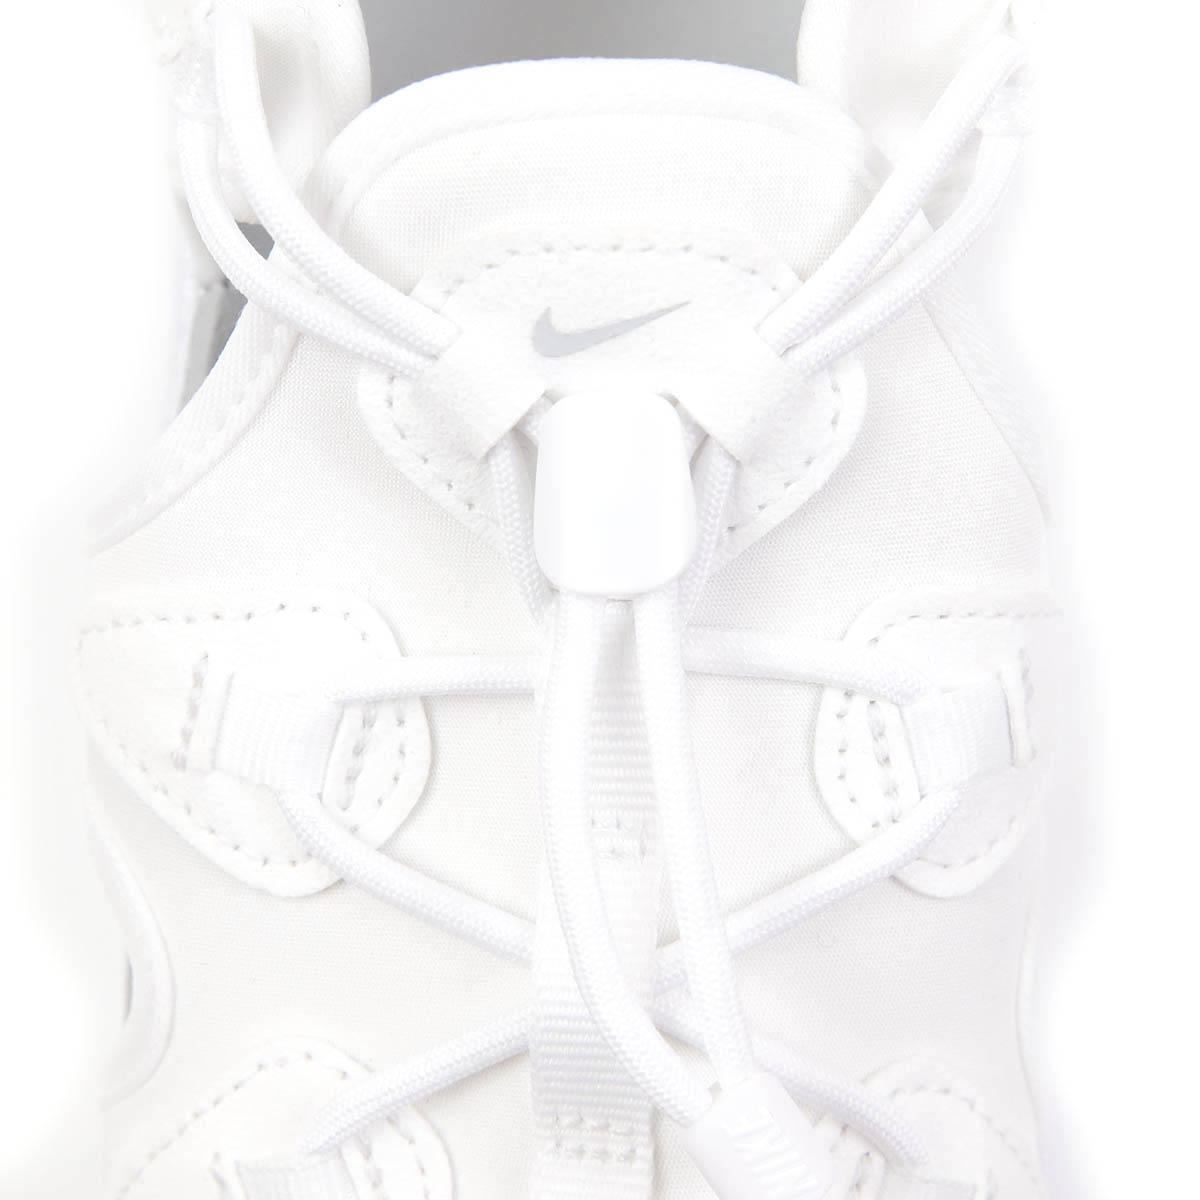 ナイキ Nike ベナッシ スポーツ サンダル メンズ シャワーサンダル